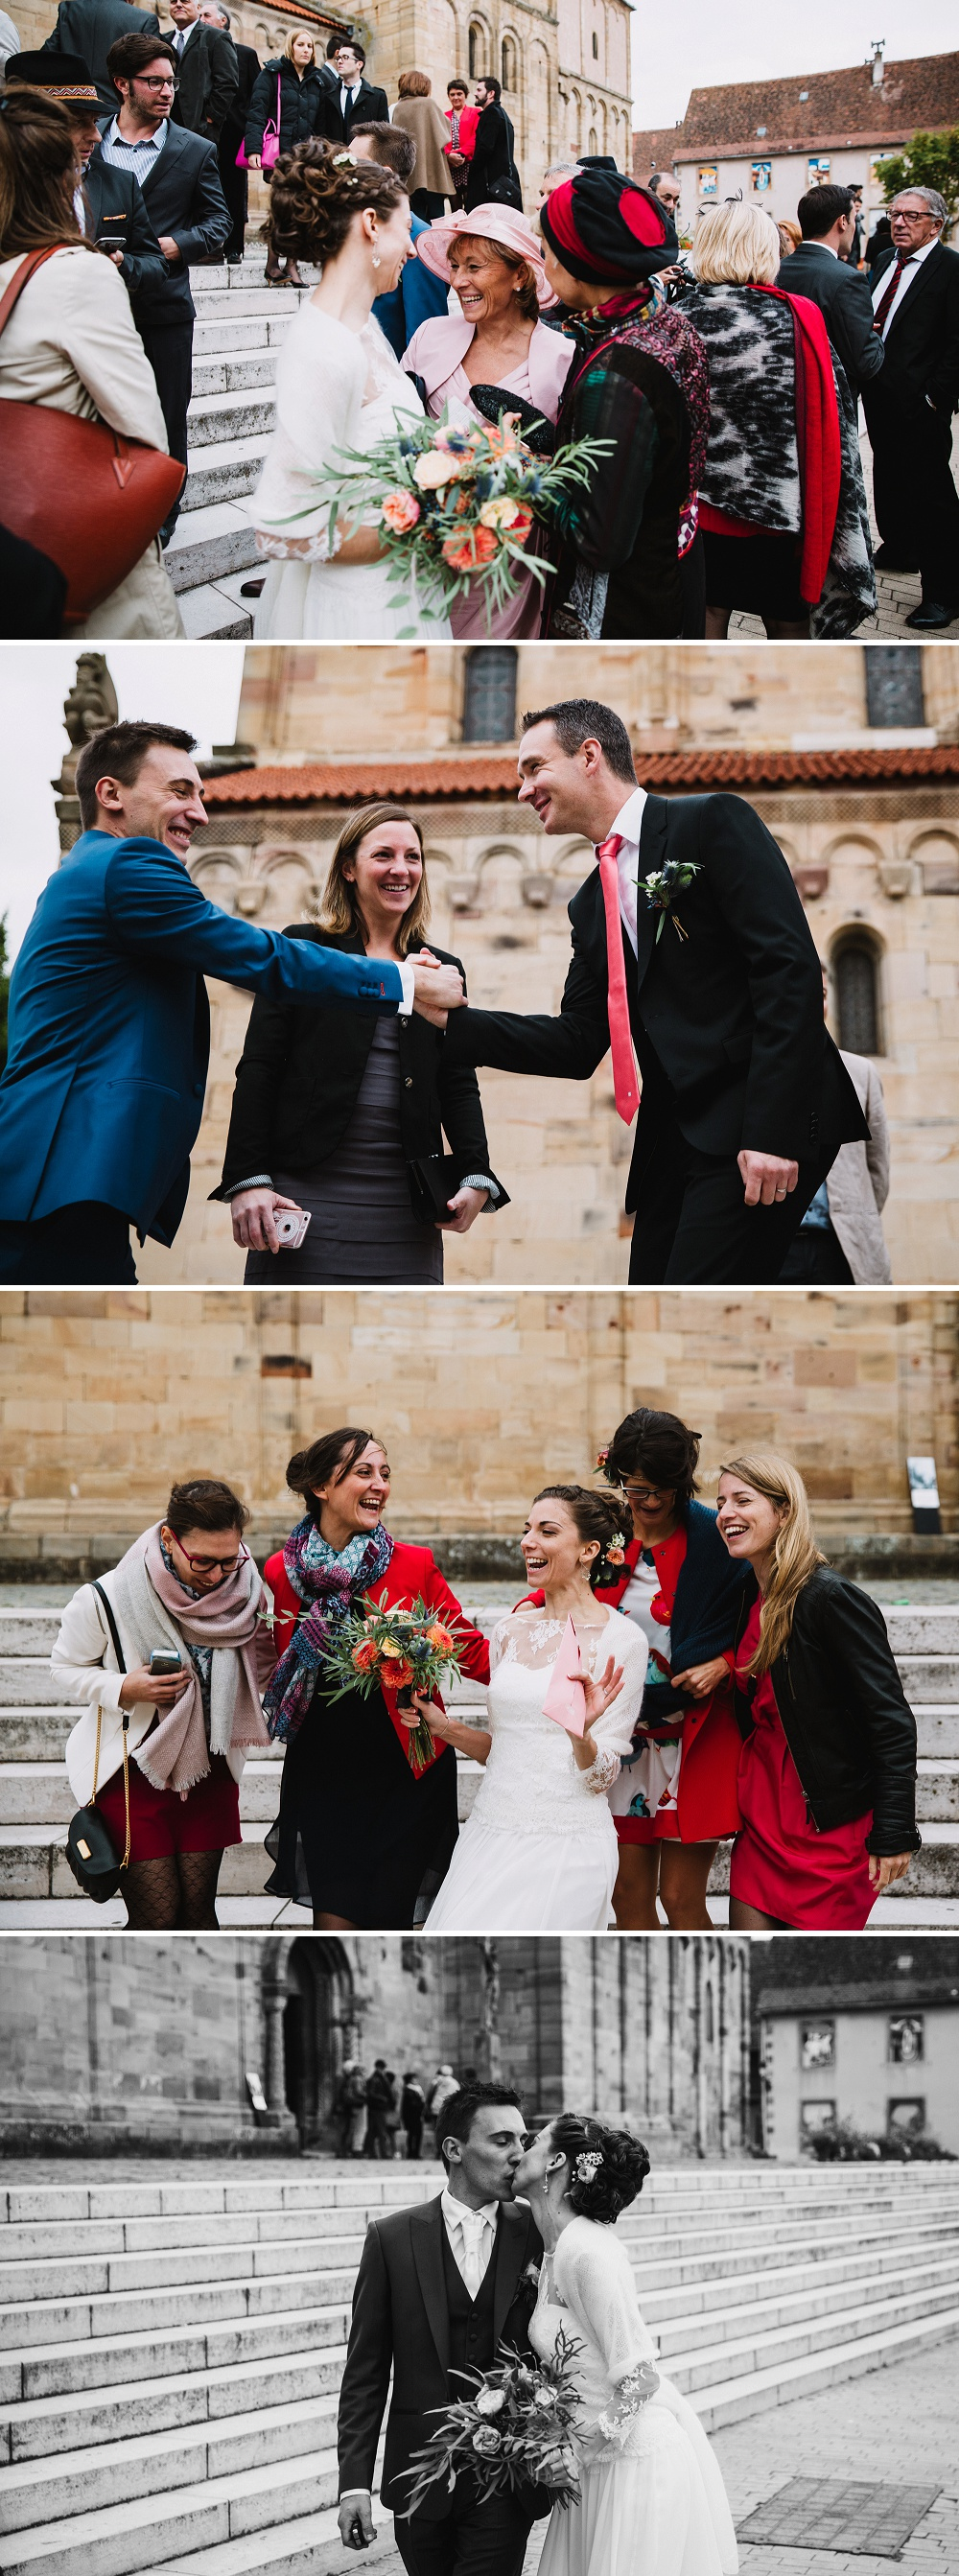 mariage-allemagne-molino-11.jpg